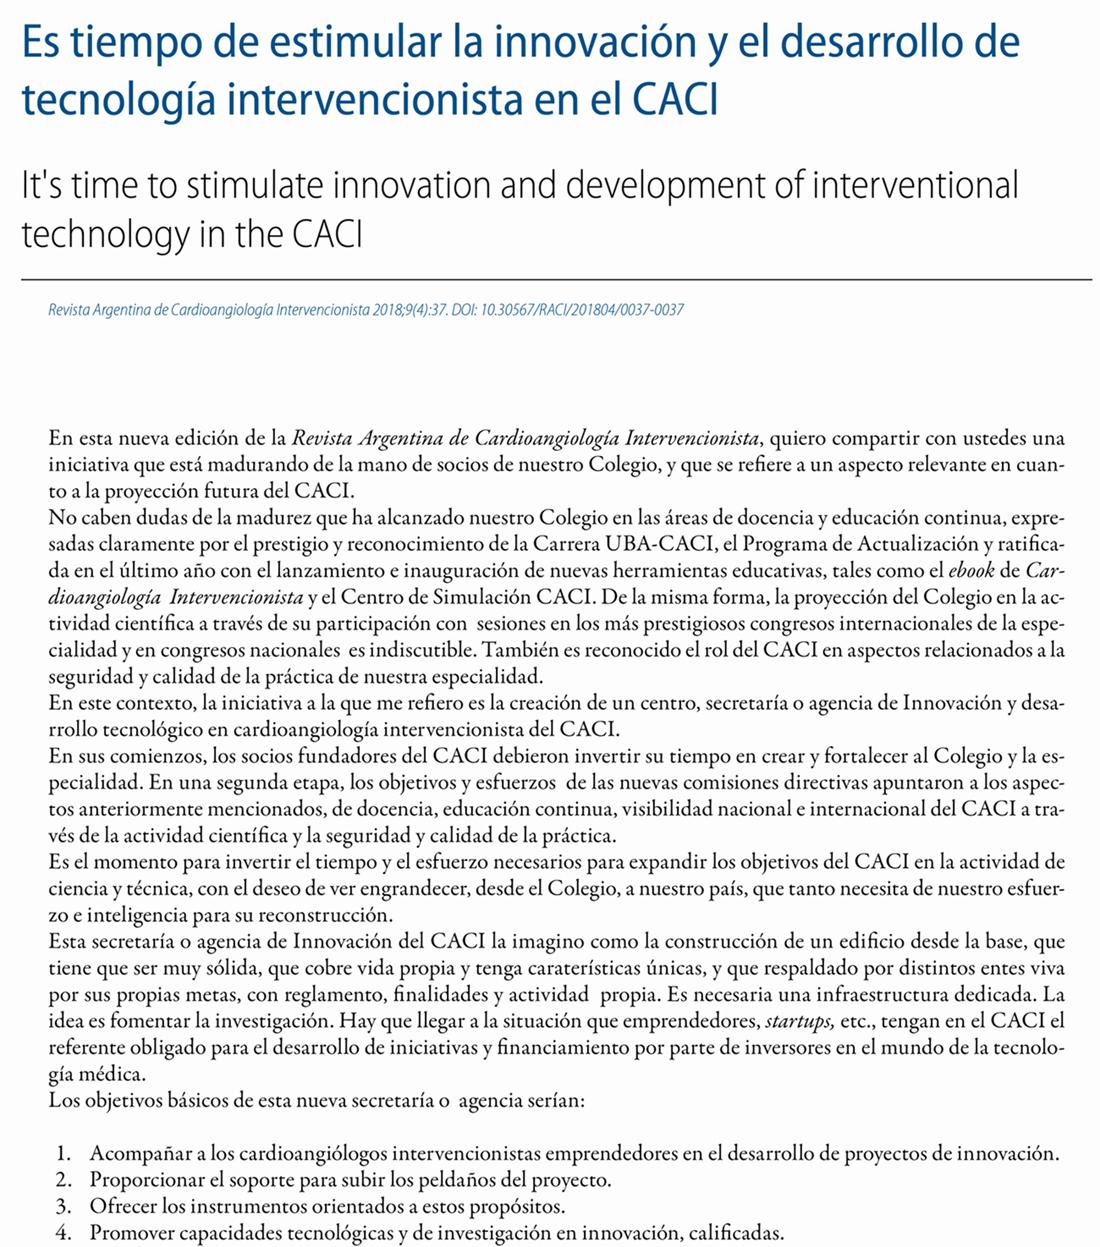 Es tiempo de estimular la innovación y el desarrollo de tecnología intervencionista en el CACI